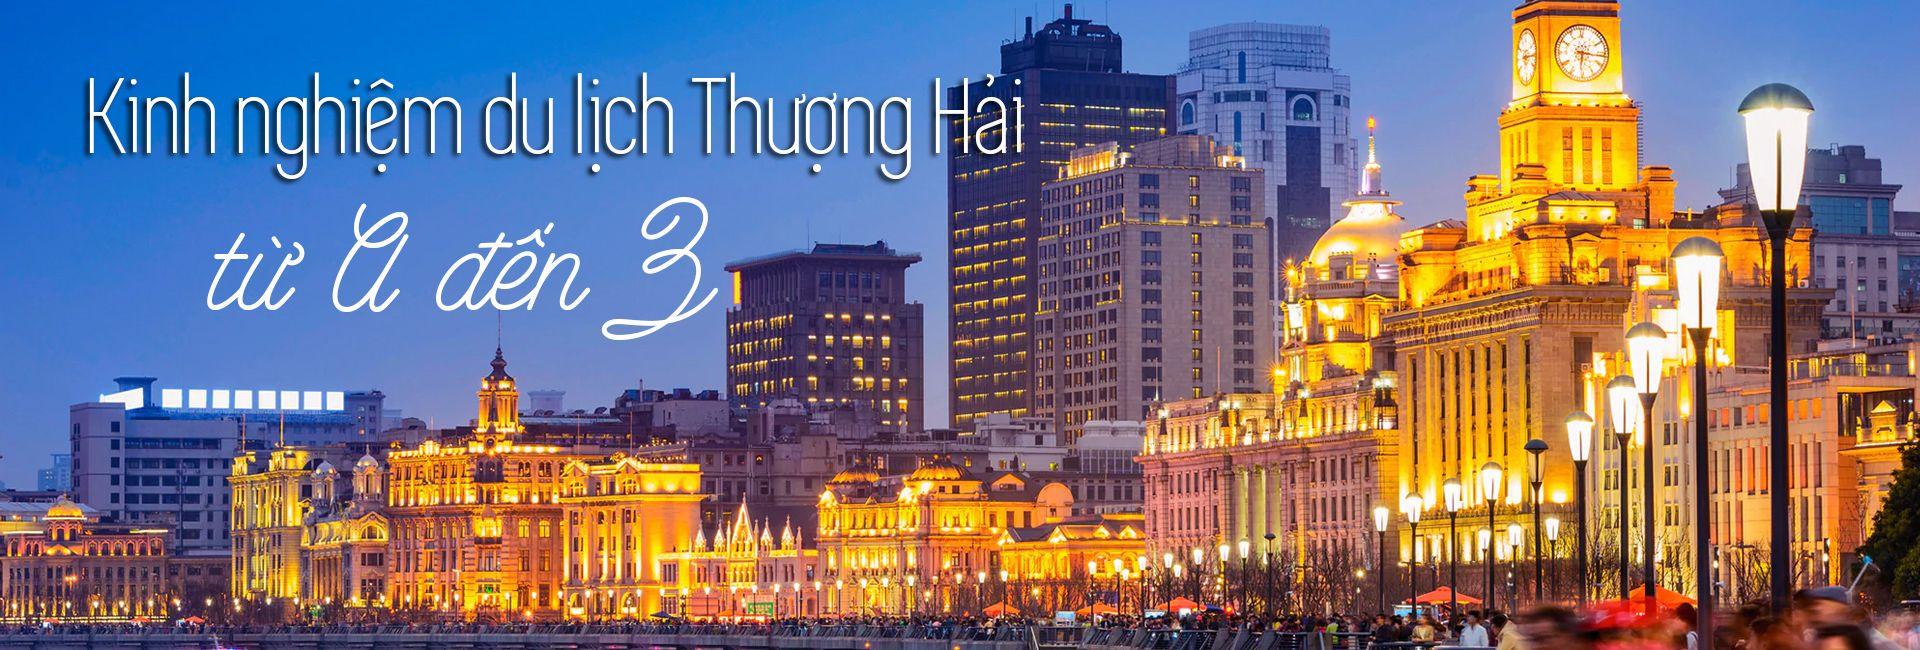 Kinh nghiệm du lịch Thượng Hải tất tần tật từ A đến Z